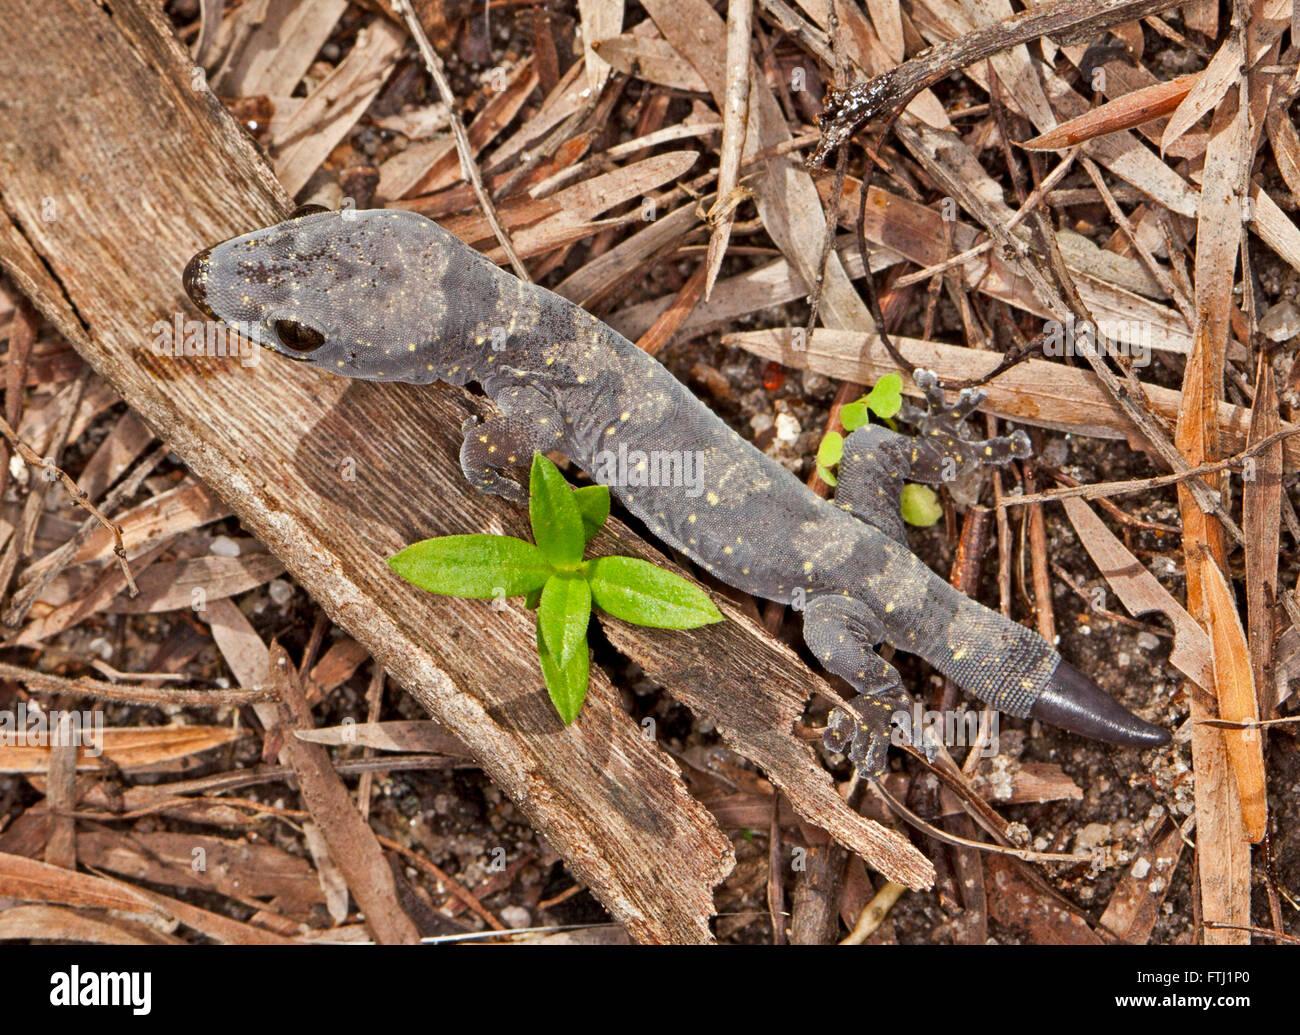 Schöne junge australische Gecko mit grau gemusterten Körper & neue Rute nachwachsende nach Schaden Stockbild